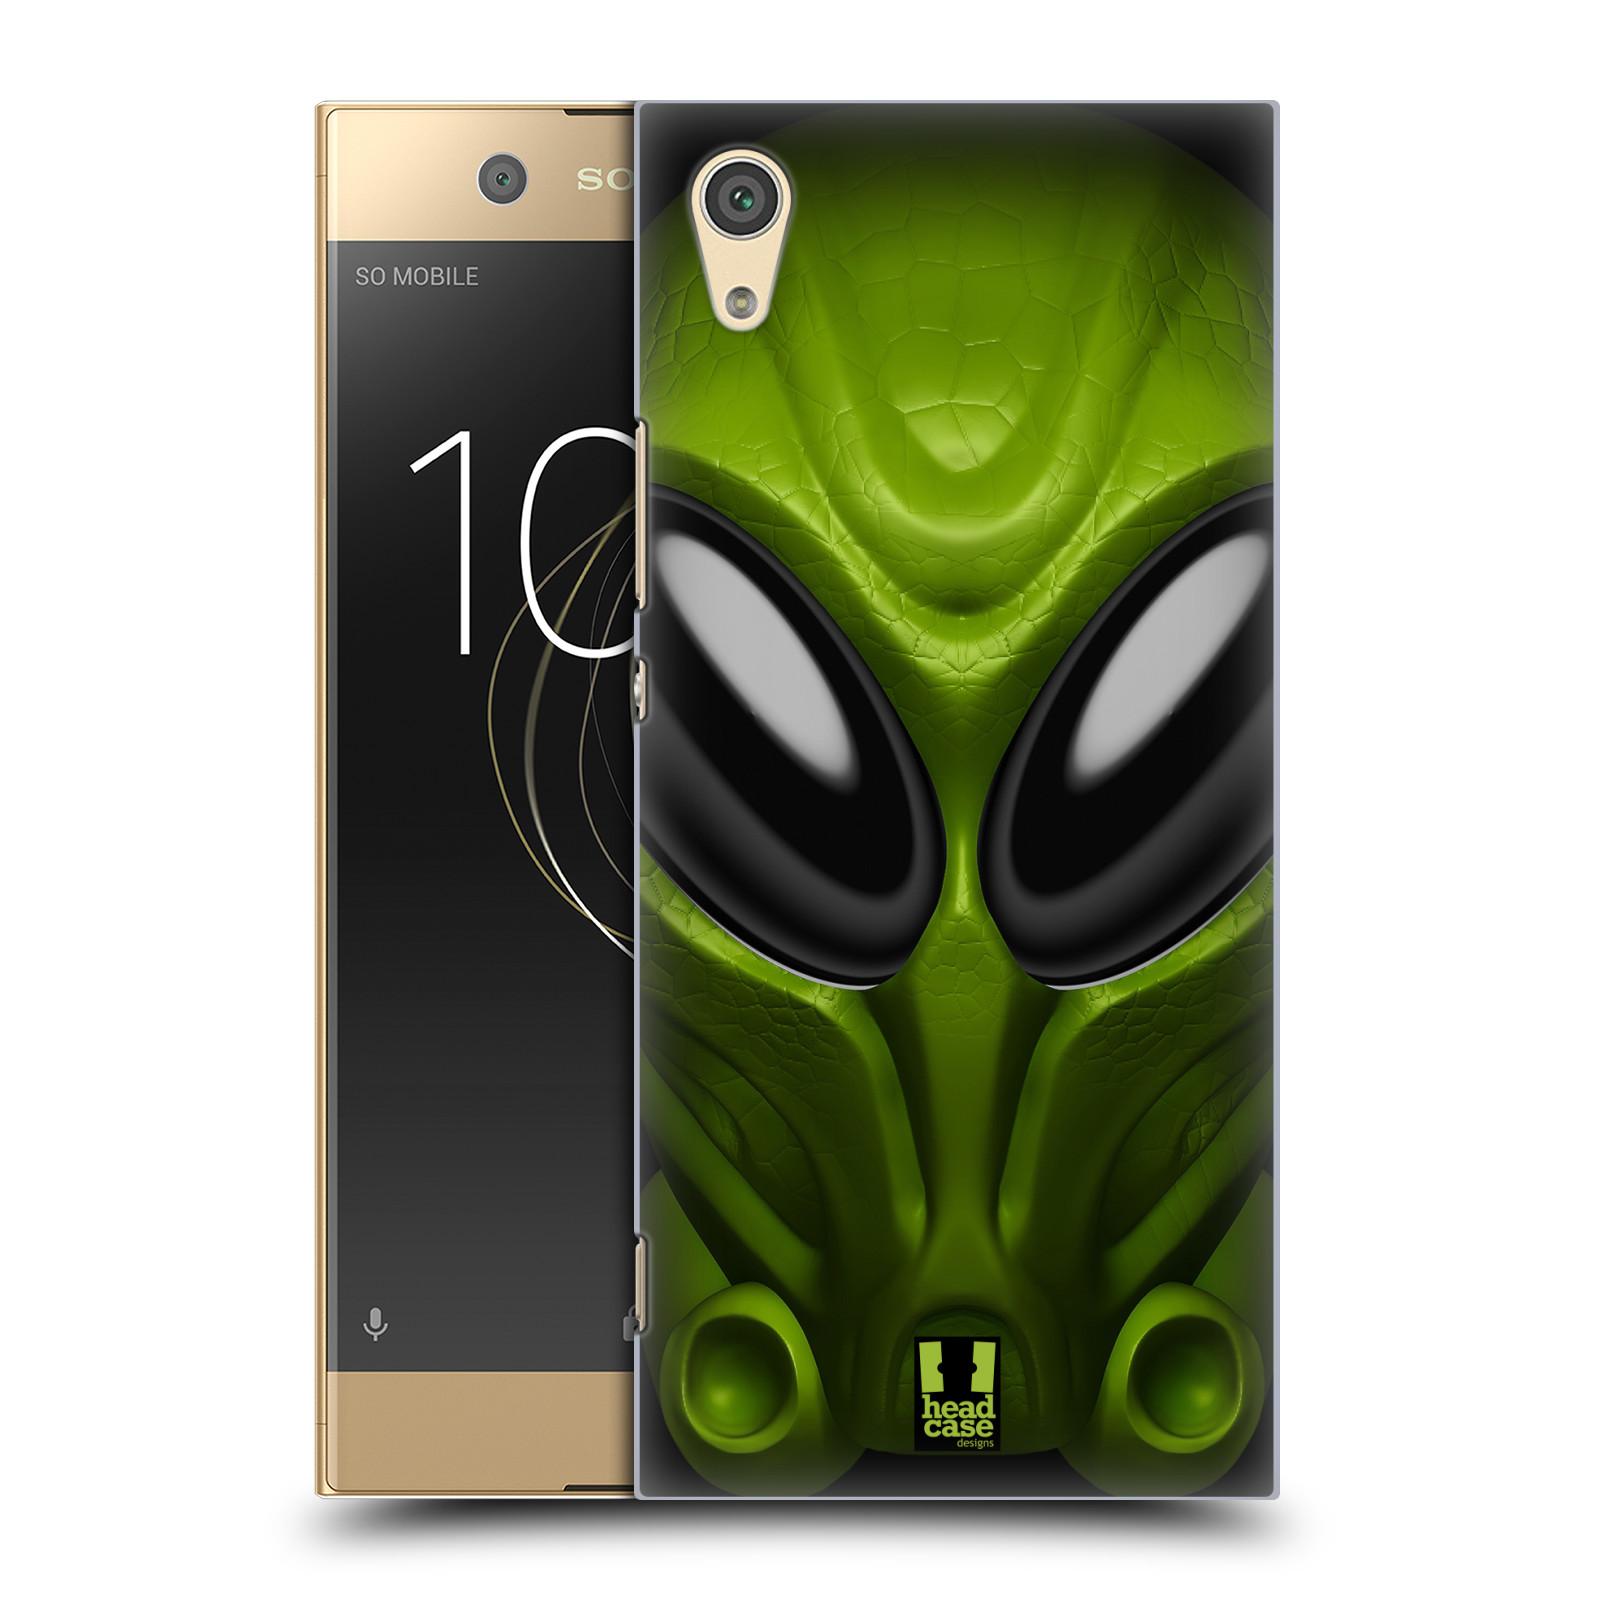 Plastové pouzdro na mobil Sony Xperia XA1 - Head Case - Ufoun Mastermind (Plastový kryt či obal na mobilní telefon Sony Xperia XA1 G3121 s motivem Ufoun Mastermind)